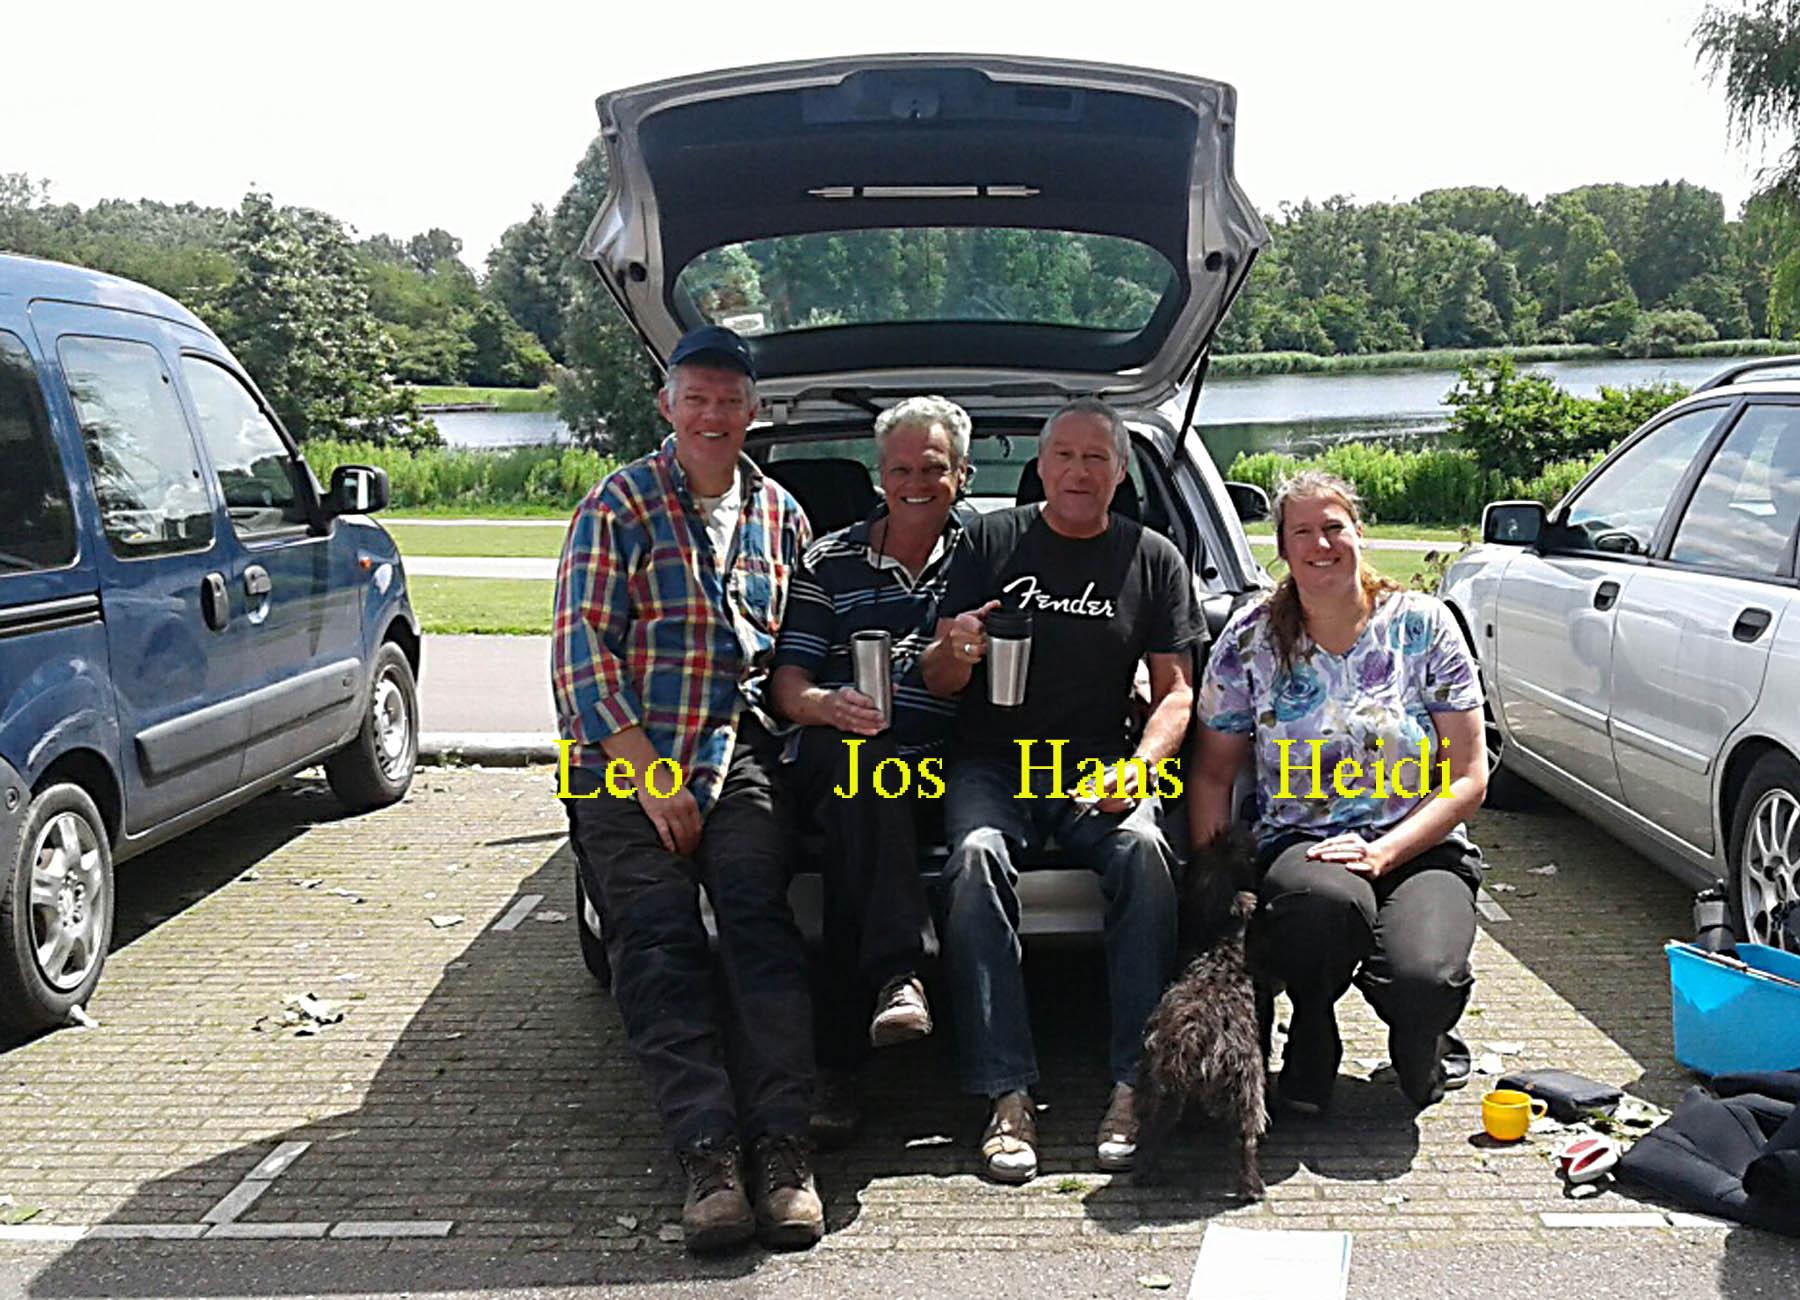 Hans_vander_Hee_hlm-bosplas